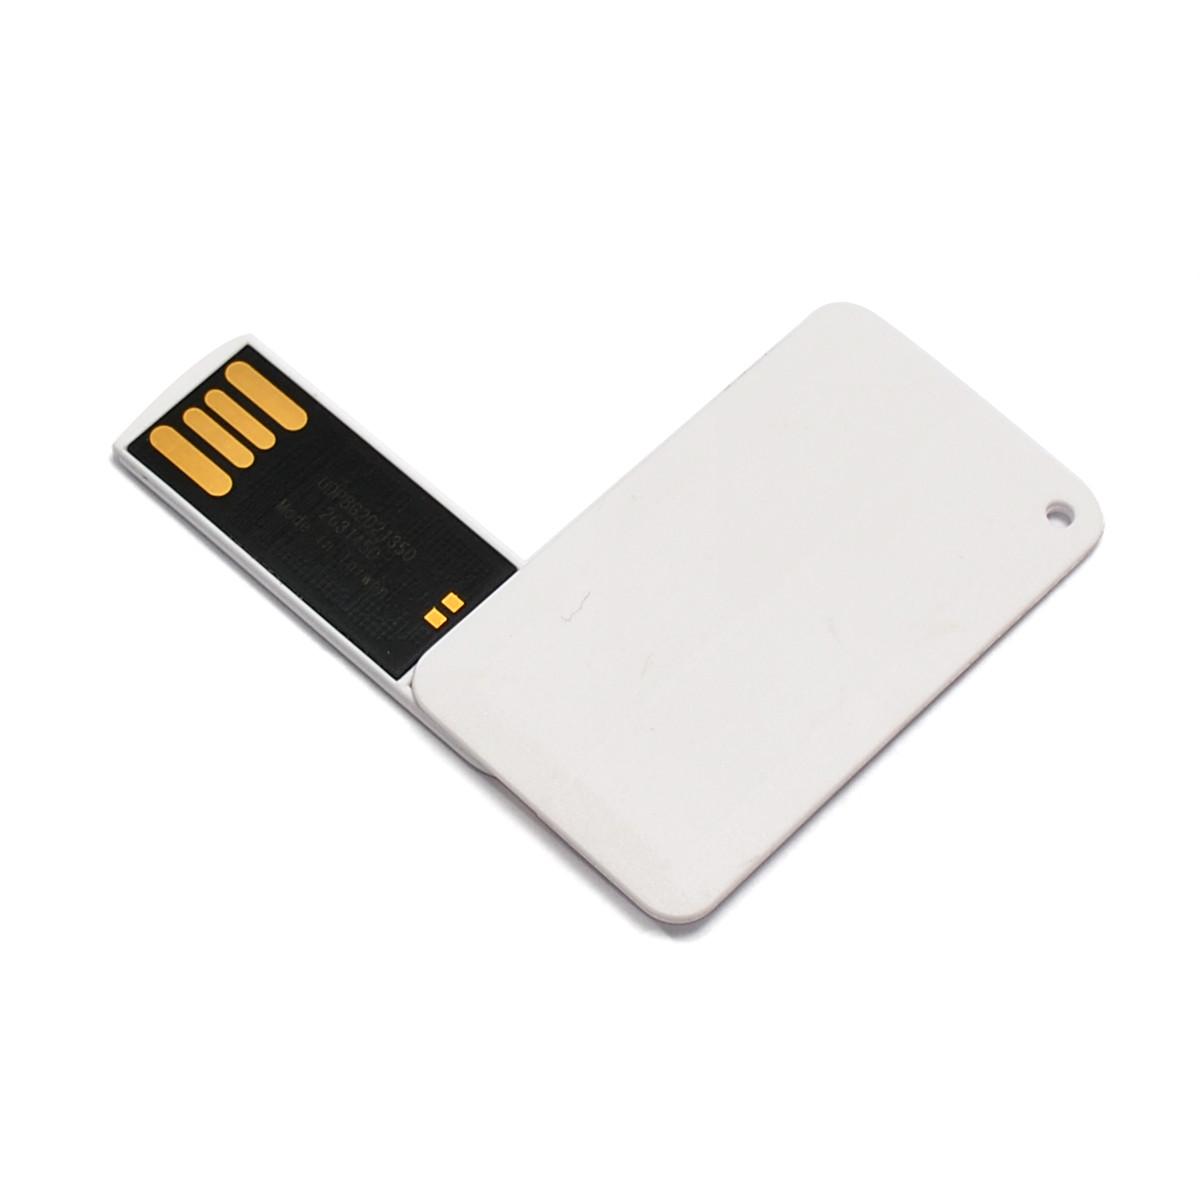 Флешка-карточка мини поворотная с нанесением 256 Мб (1031-265-Мб)